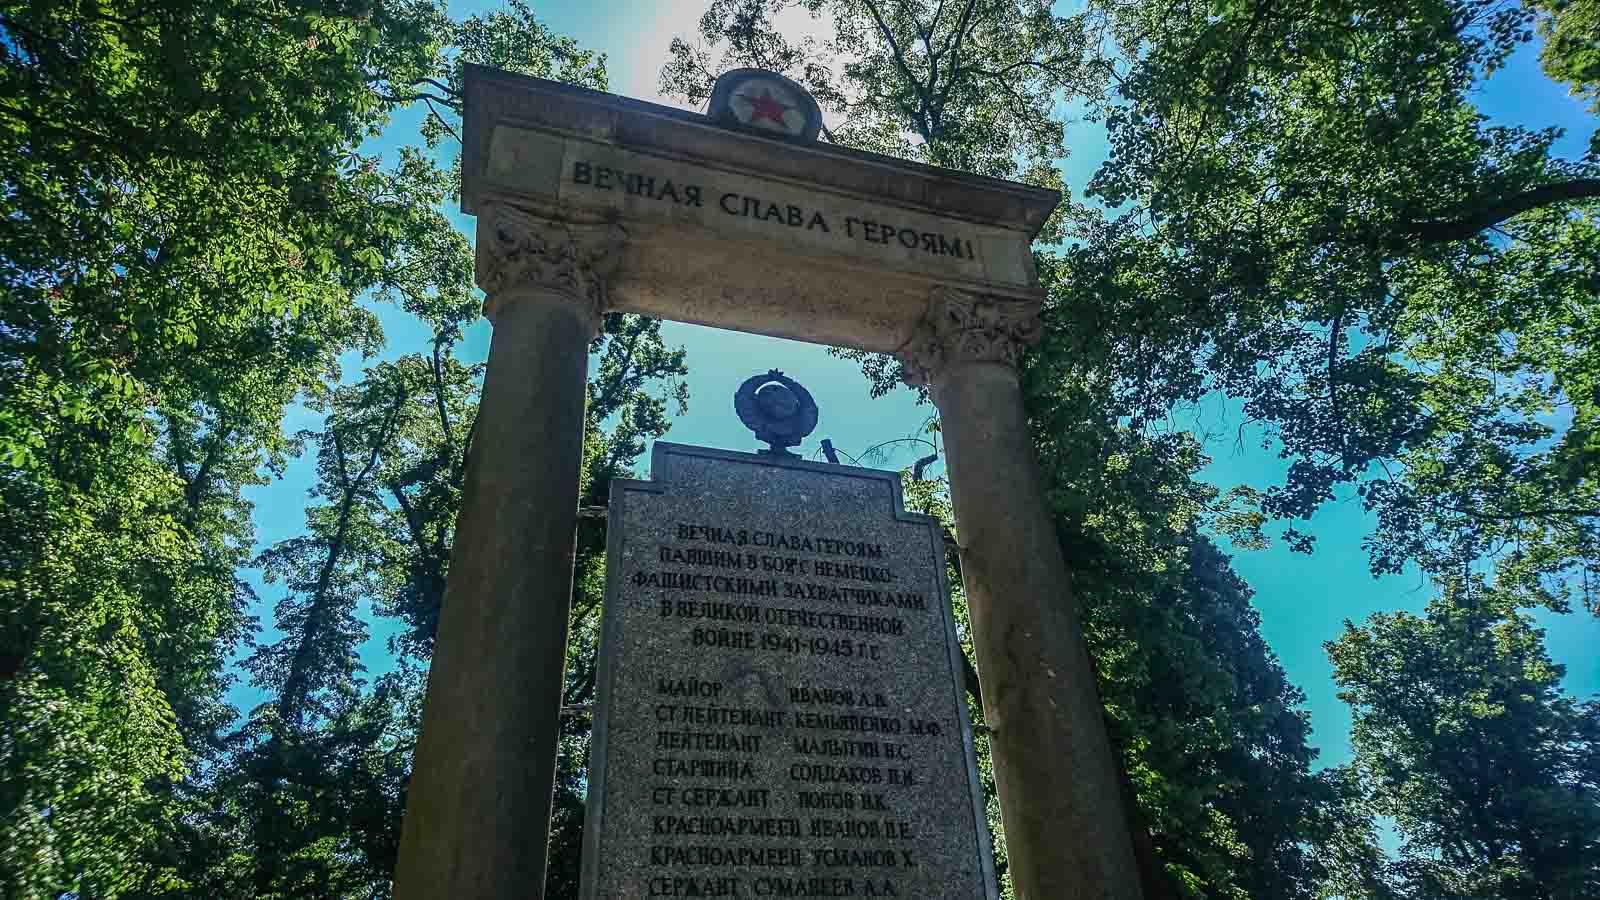 Sowjetisches Ehrenmal in Angermünde